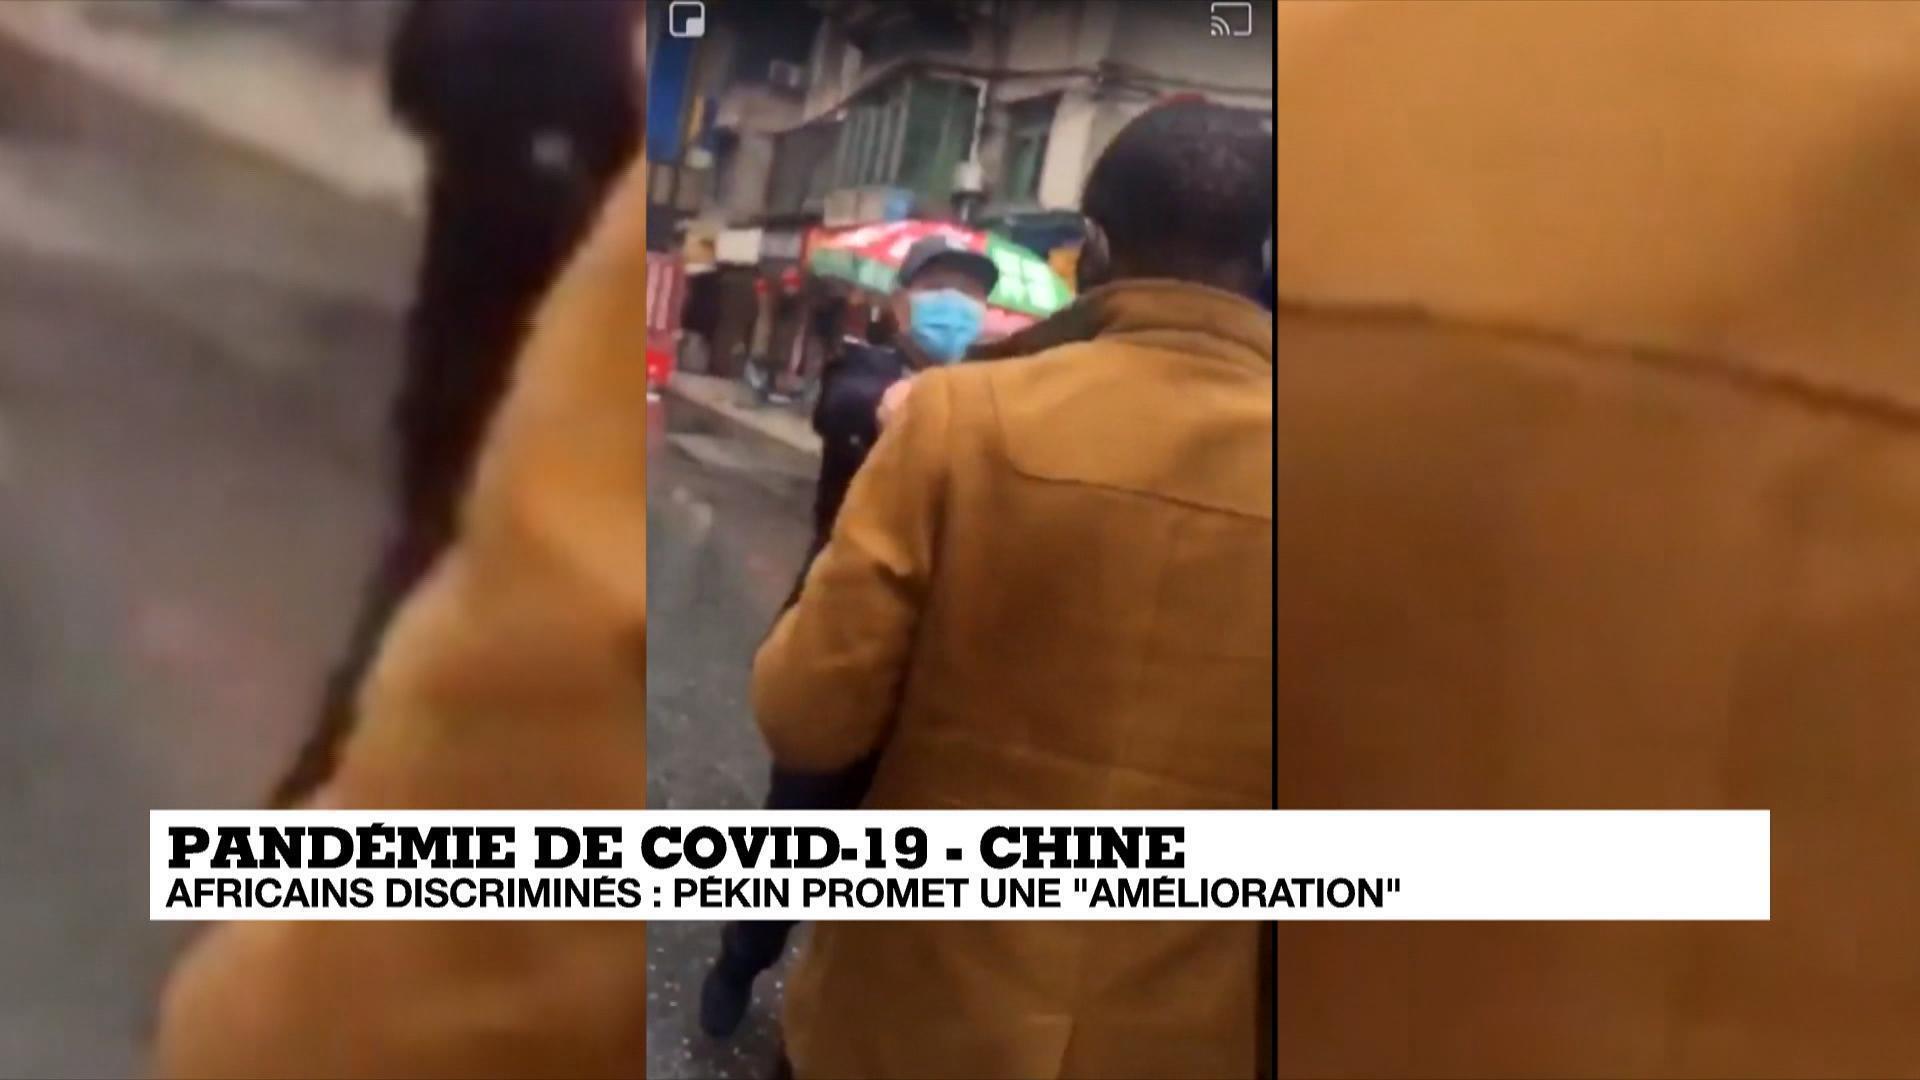 La Chine accusée de discrimination envers les Africains